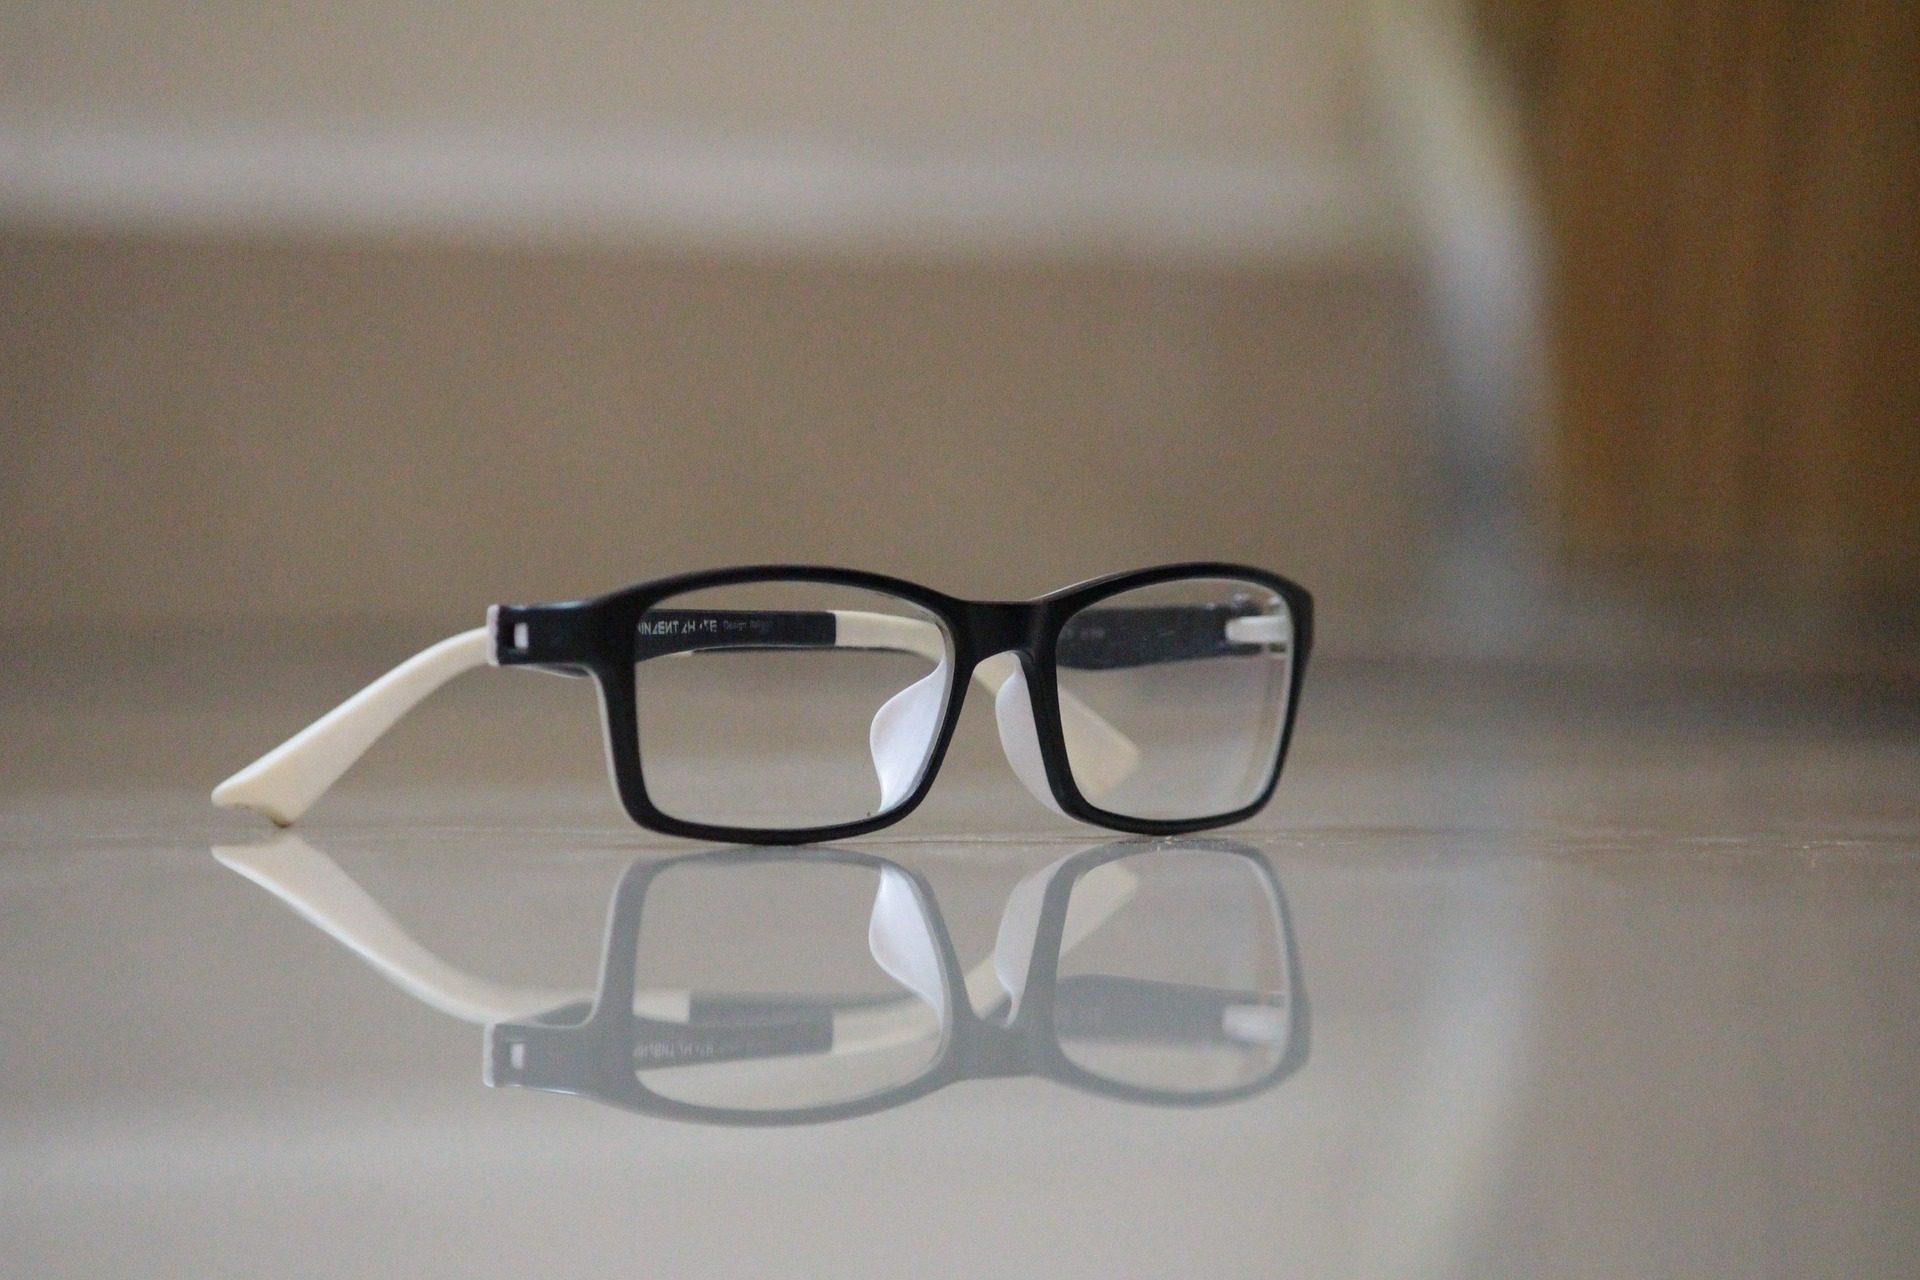 lunettes de soleil, cristaux, BROCHE, réflexion, vision, Optique - Fonds d'écran HD - Professor-falken.com